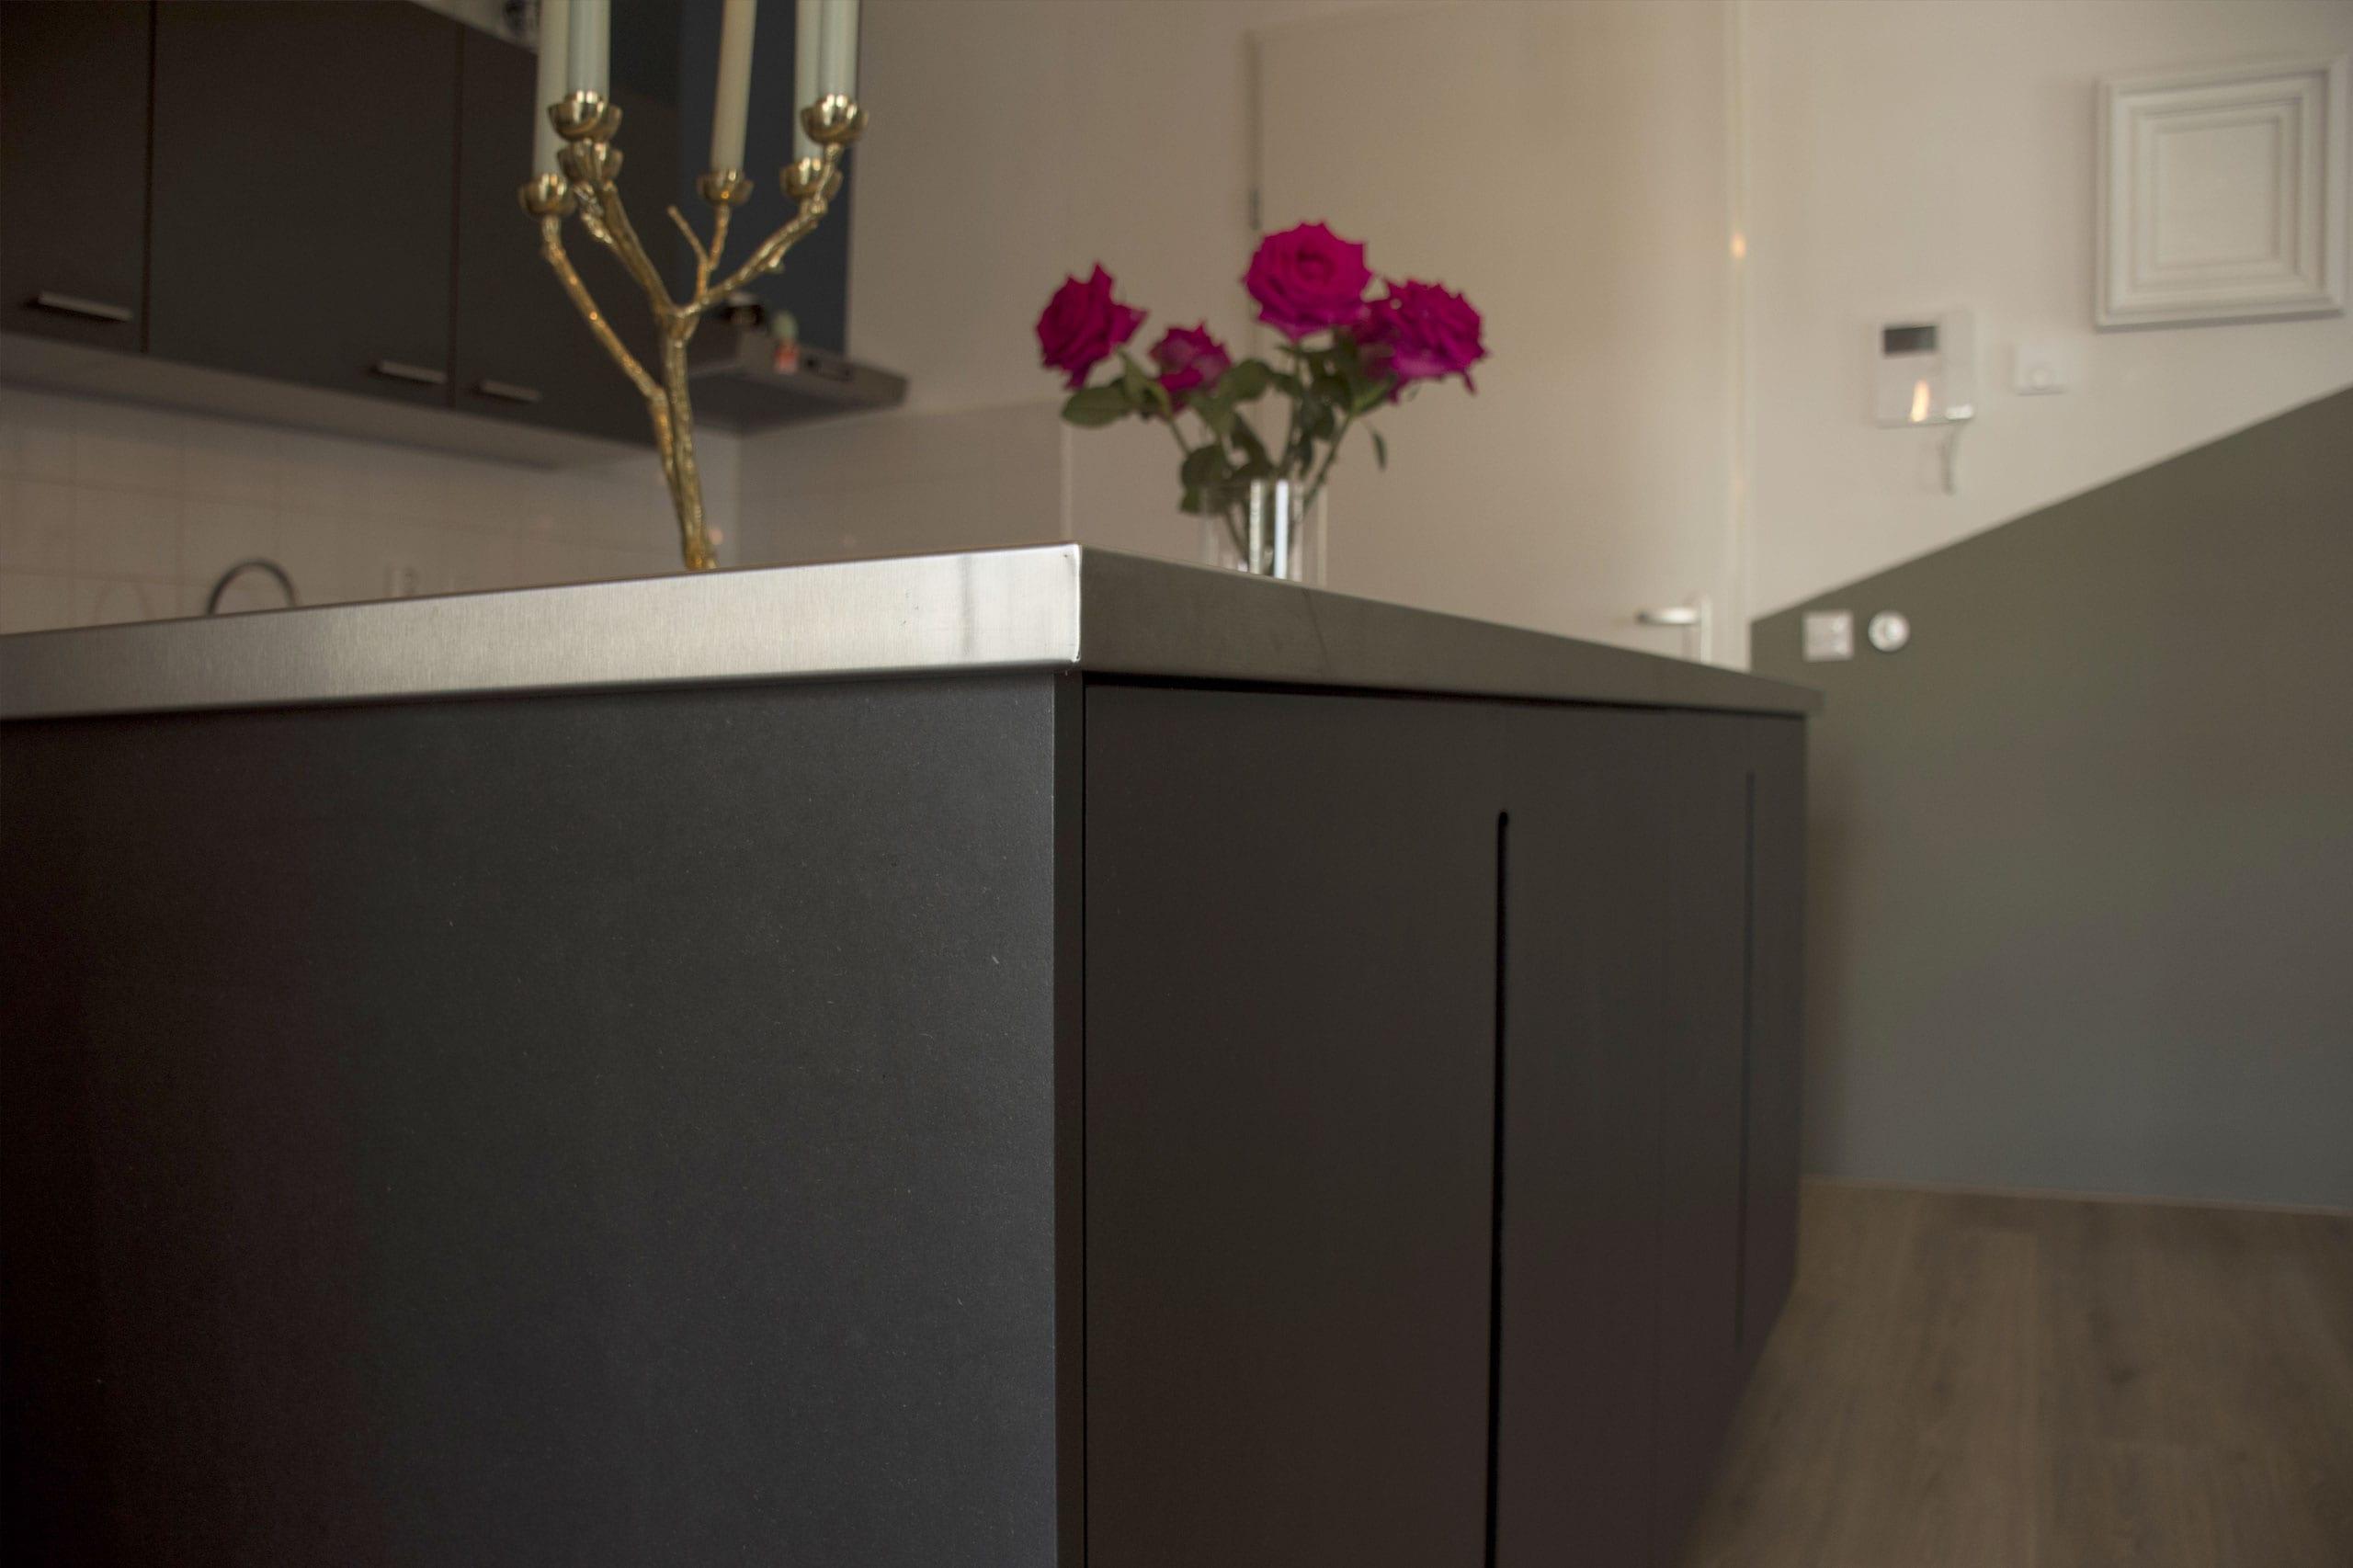 kookeiland-zwart-ontwerp-op-maat-zijkant